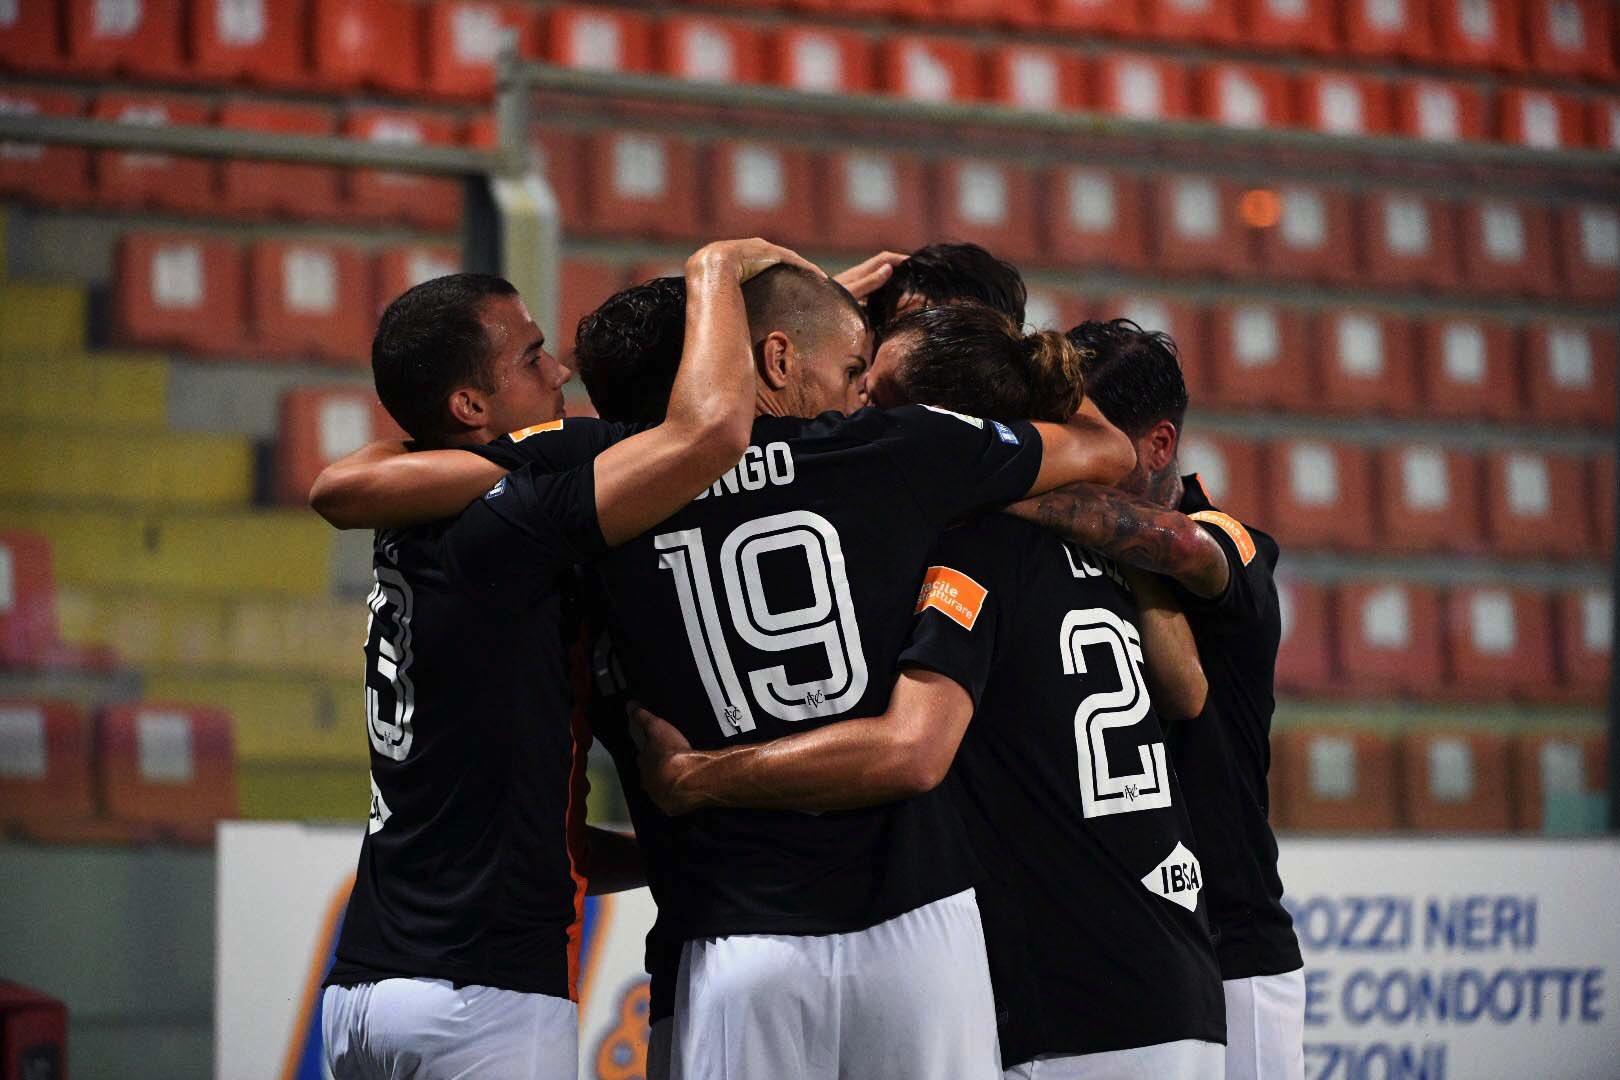 Aramu non sbaglia dagli 11 metri e porta in vantaggio i suoi; Spezia-Venezia 0-1.